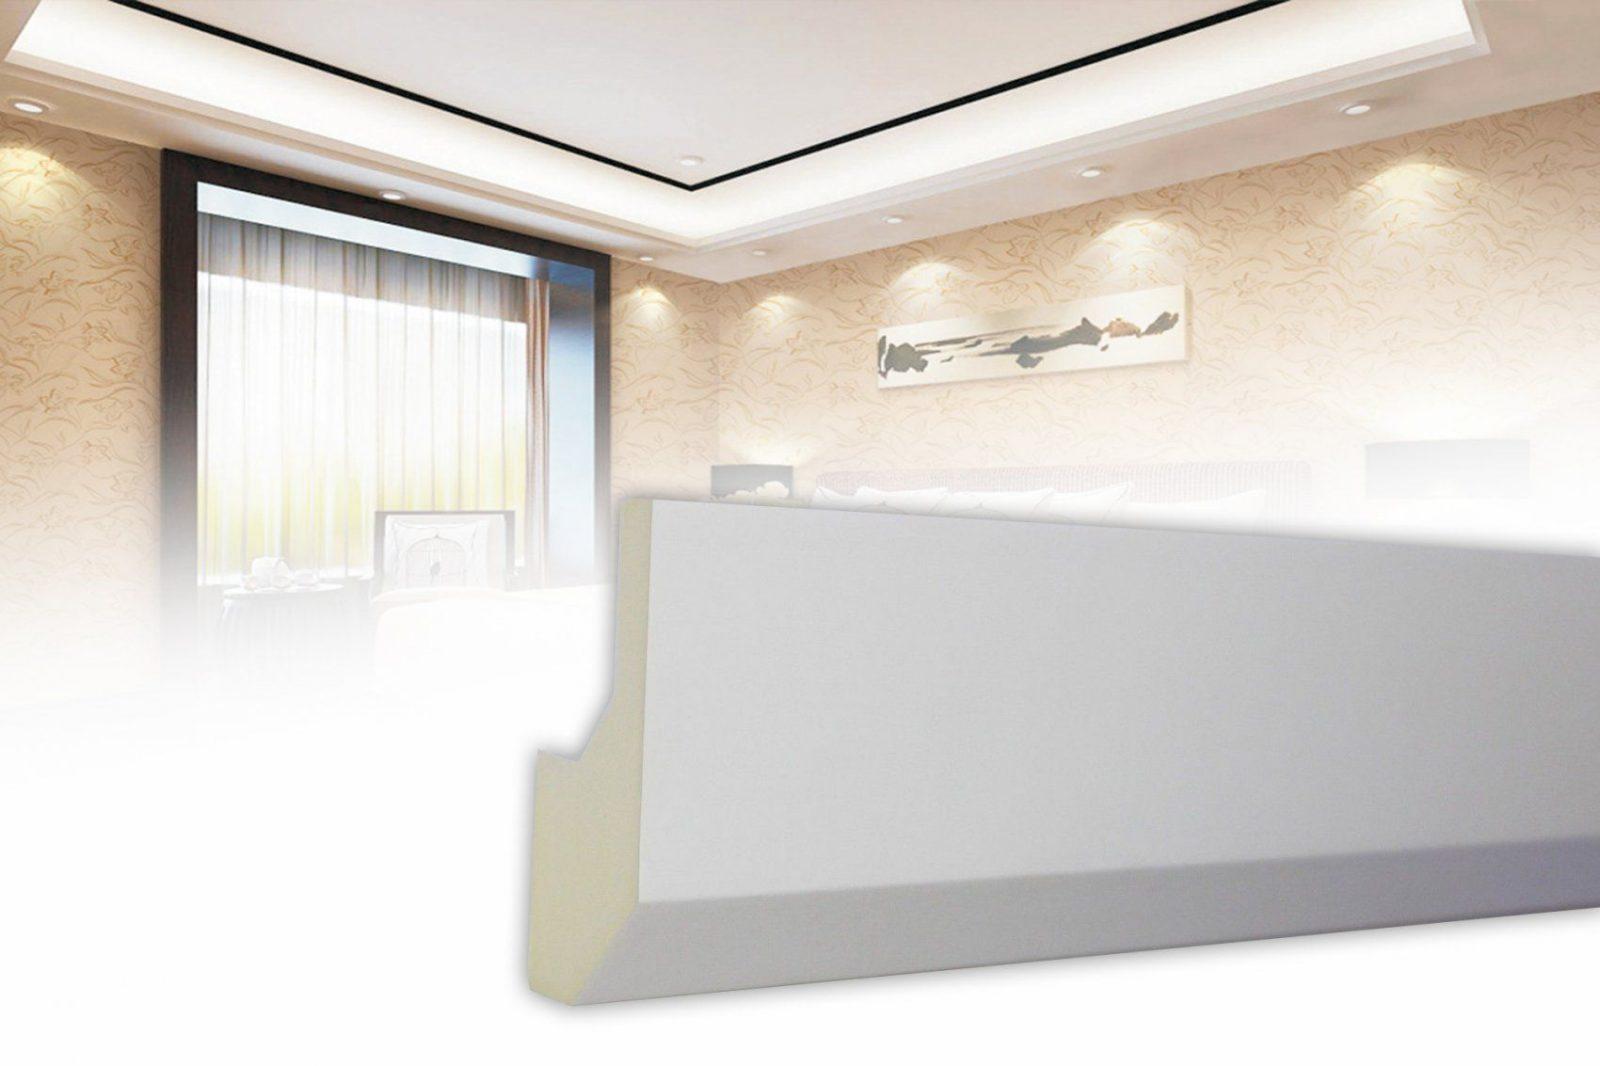 2 Meter Led Profil Pu Stuckleiste Für Indirekte Beleuchtung von Stuckleiste Für Indirekte Beleuchtung Bild